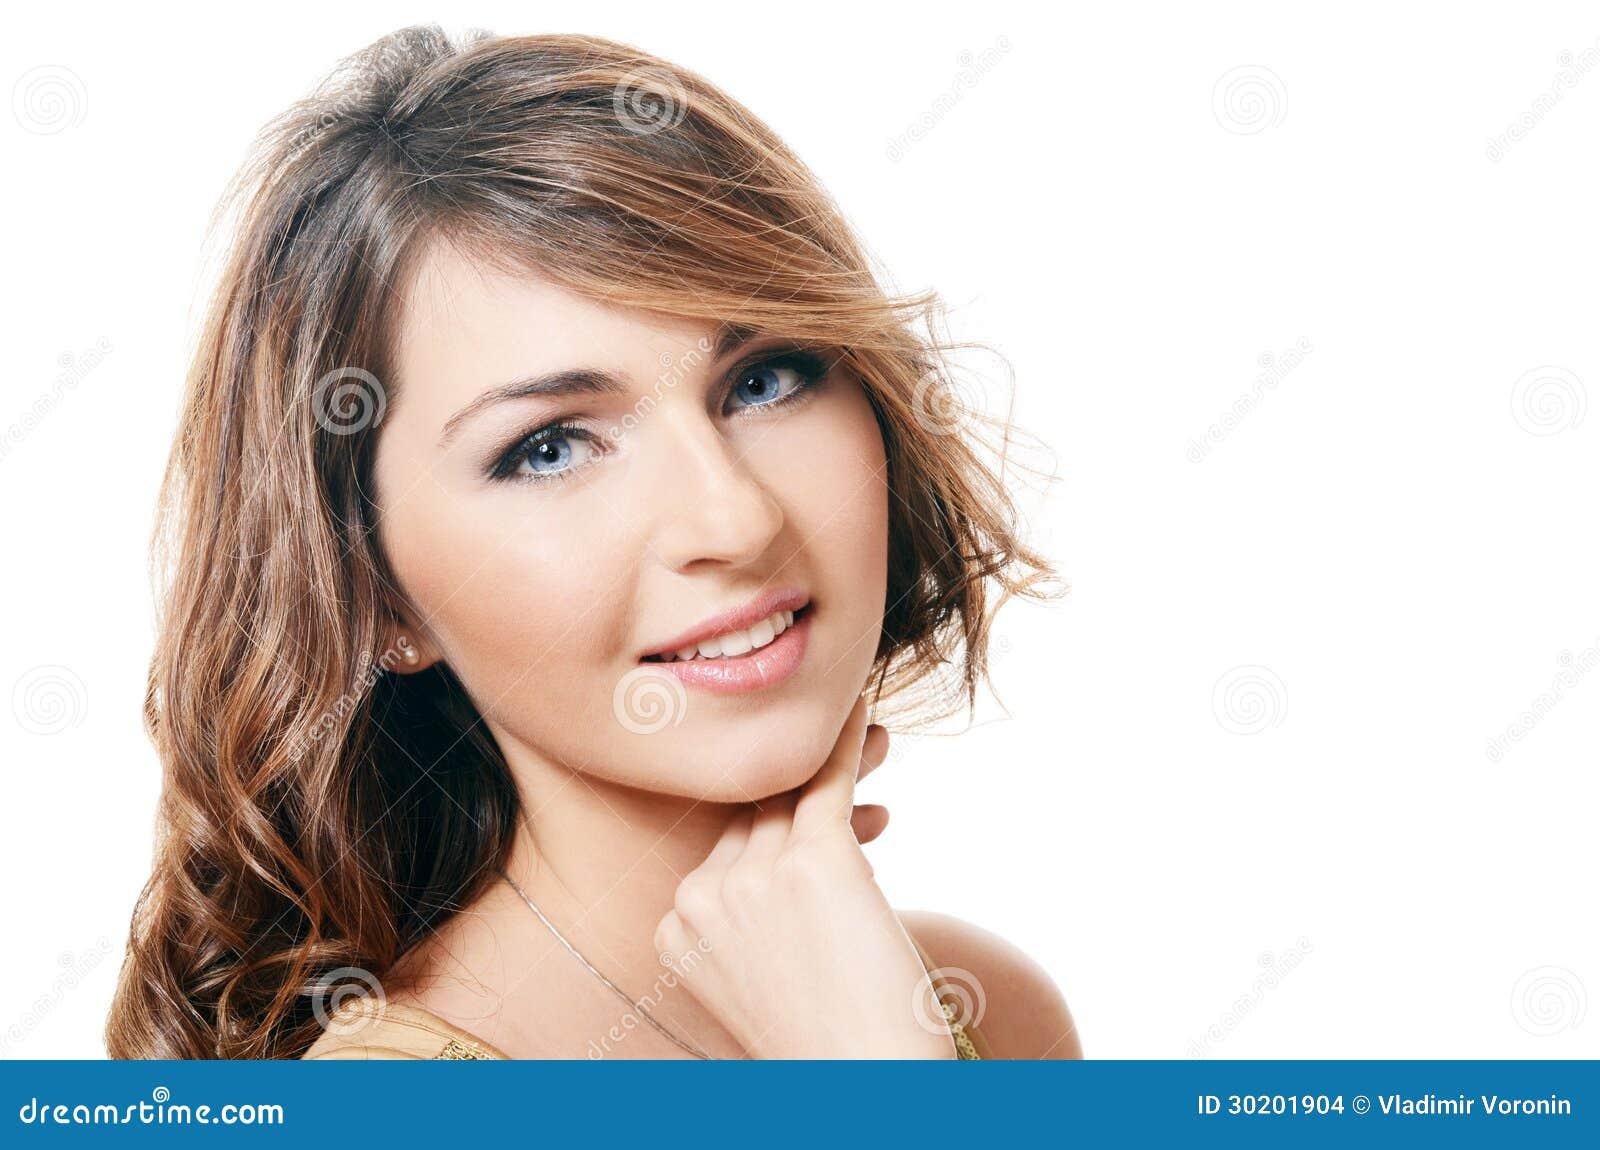 Foto van de mooie sensuele vrouw met lange hair.isolated op witte achtergrond